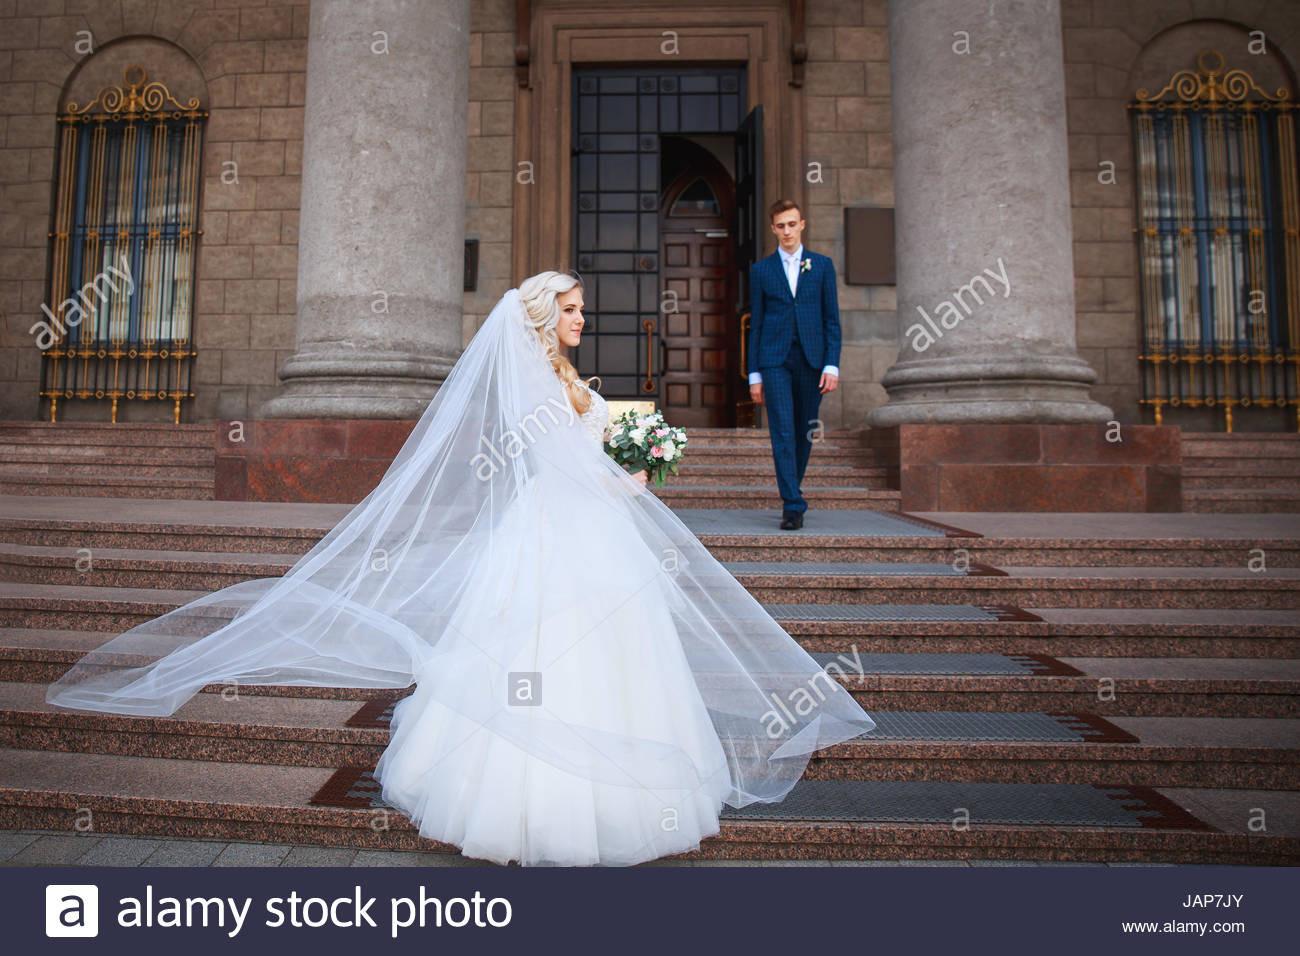 Hochzeitspaar In Der Nähe Einer Kirche. Hochzeit Paar Umarmt